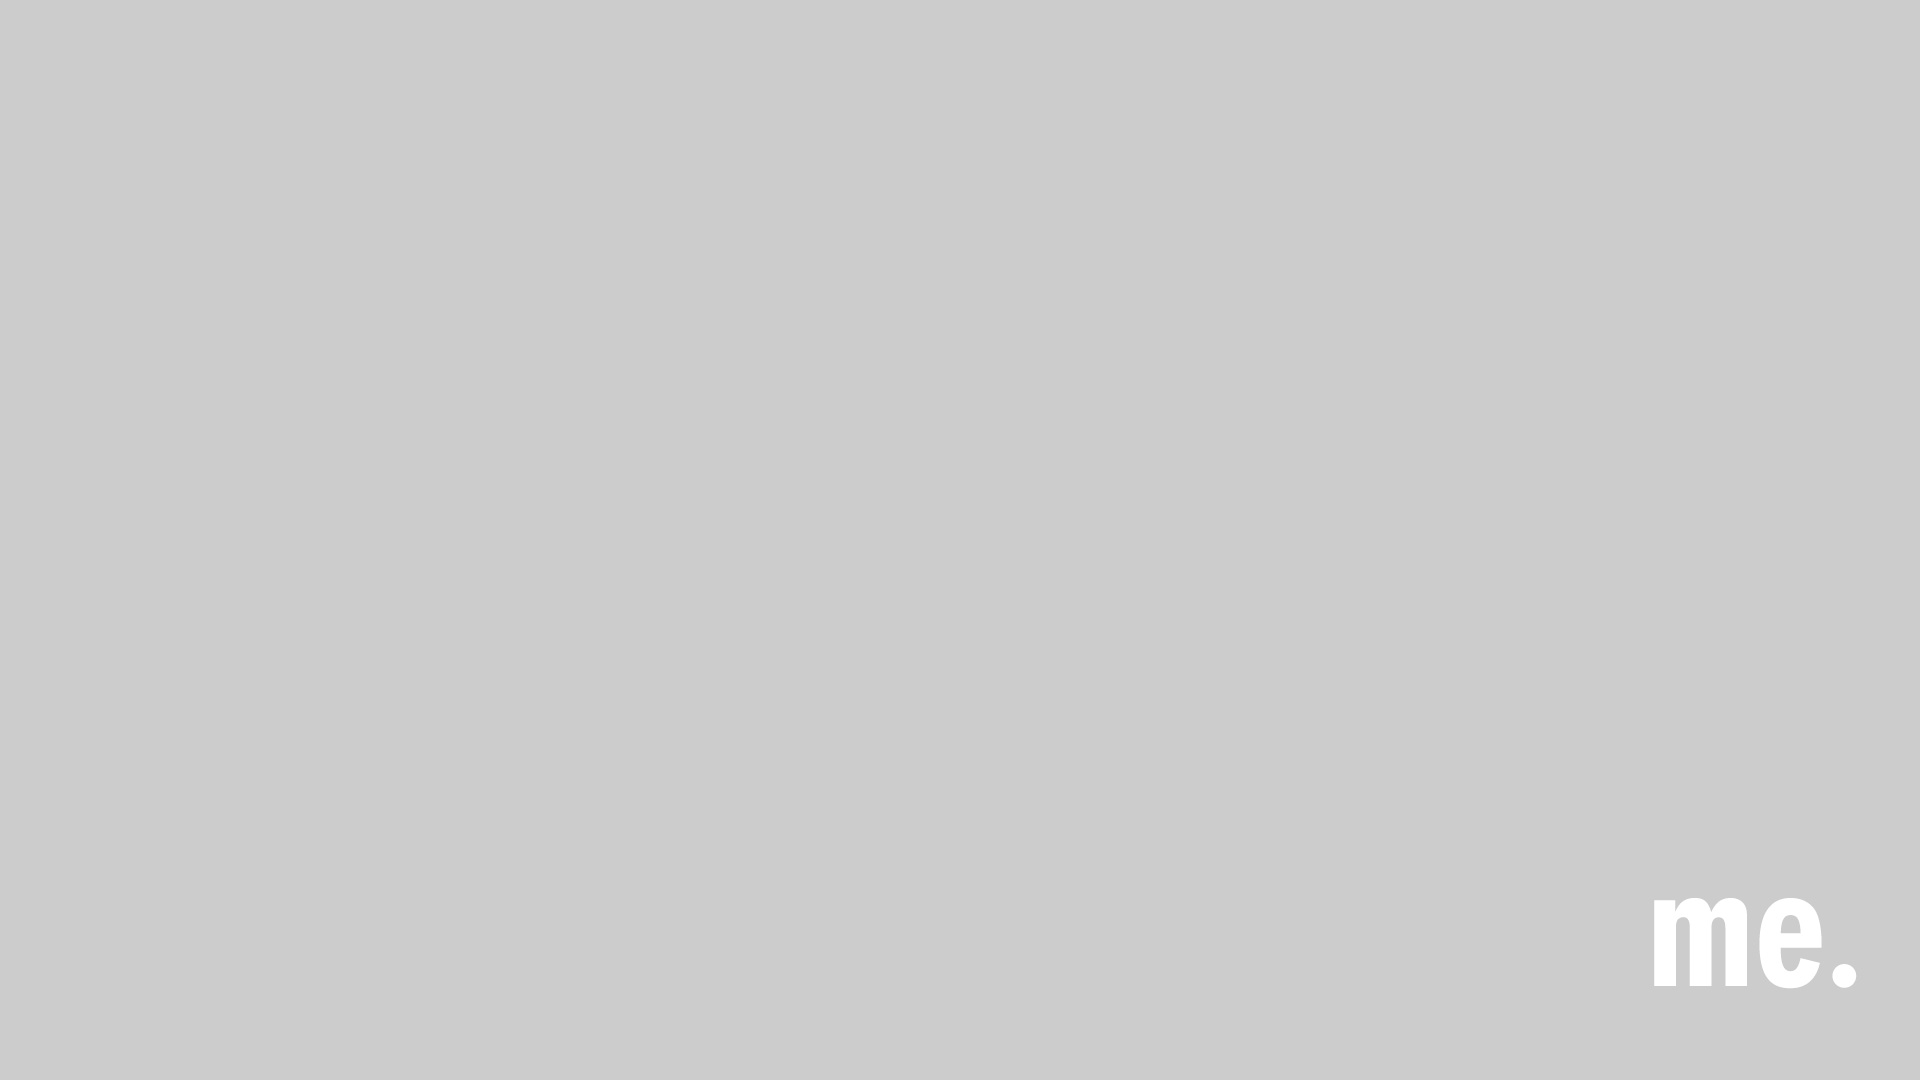 Wayne Static sei am 1. November friedlich im Schlaf verstorben.